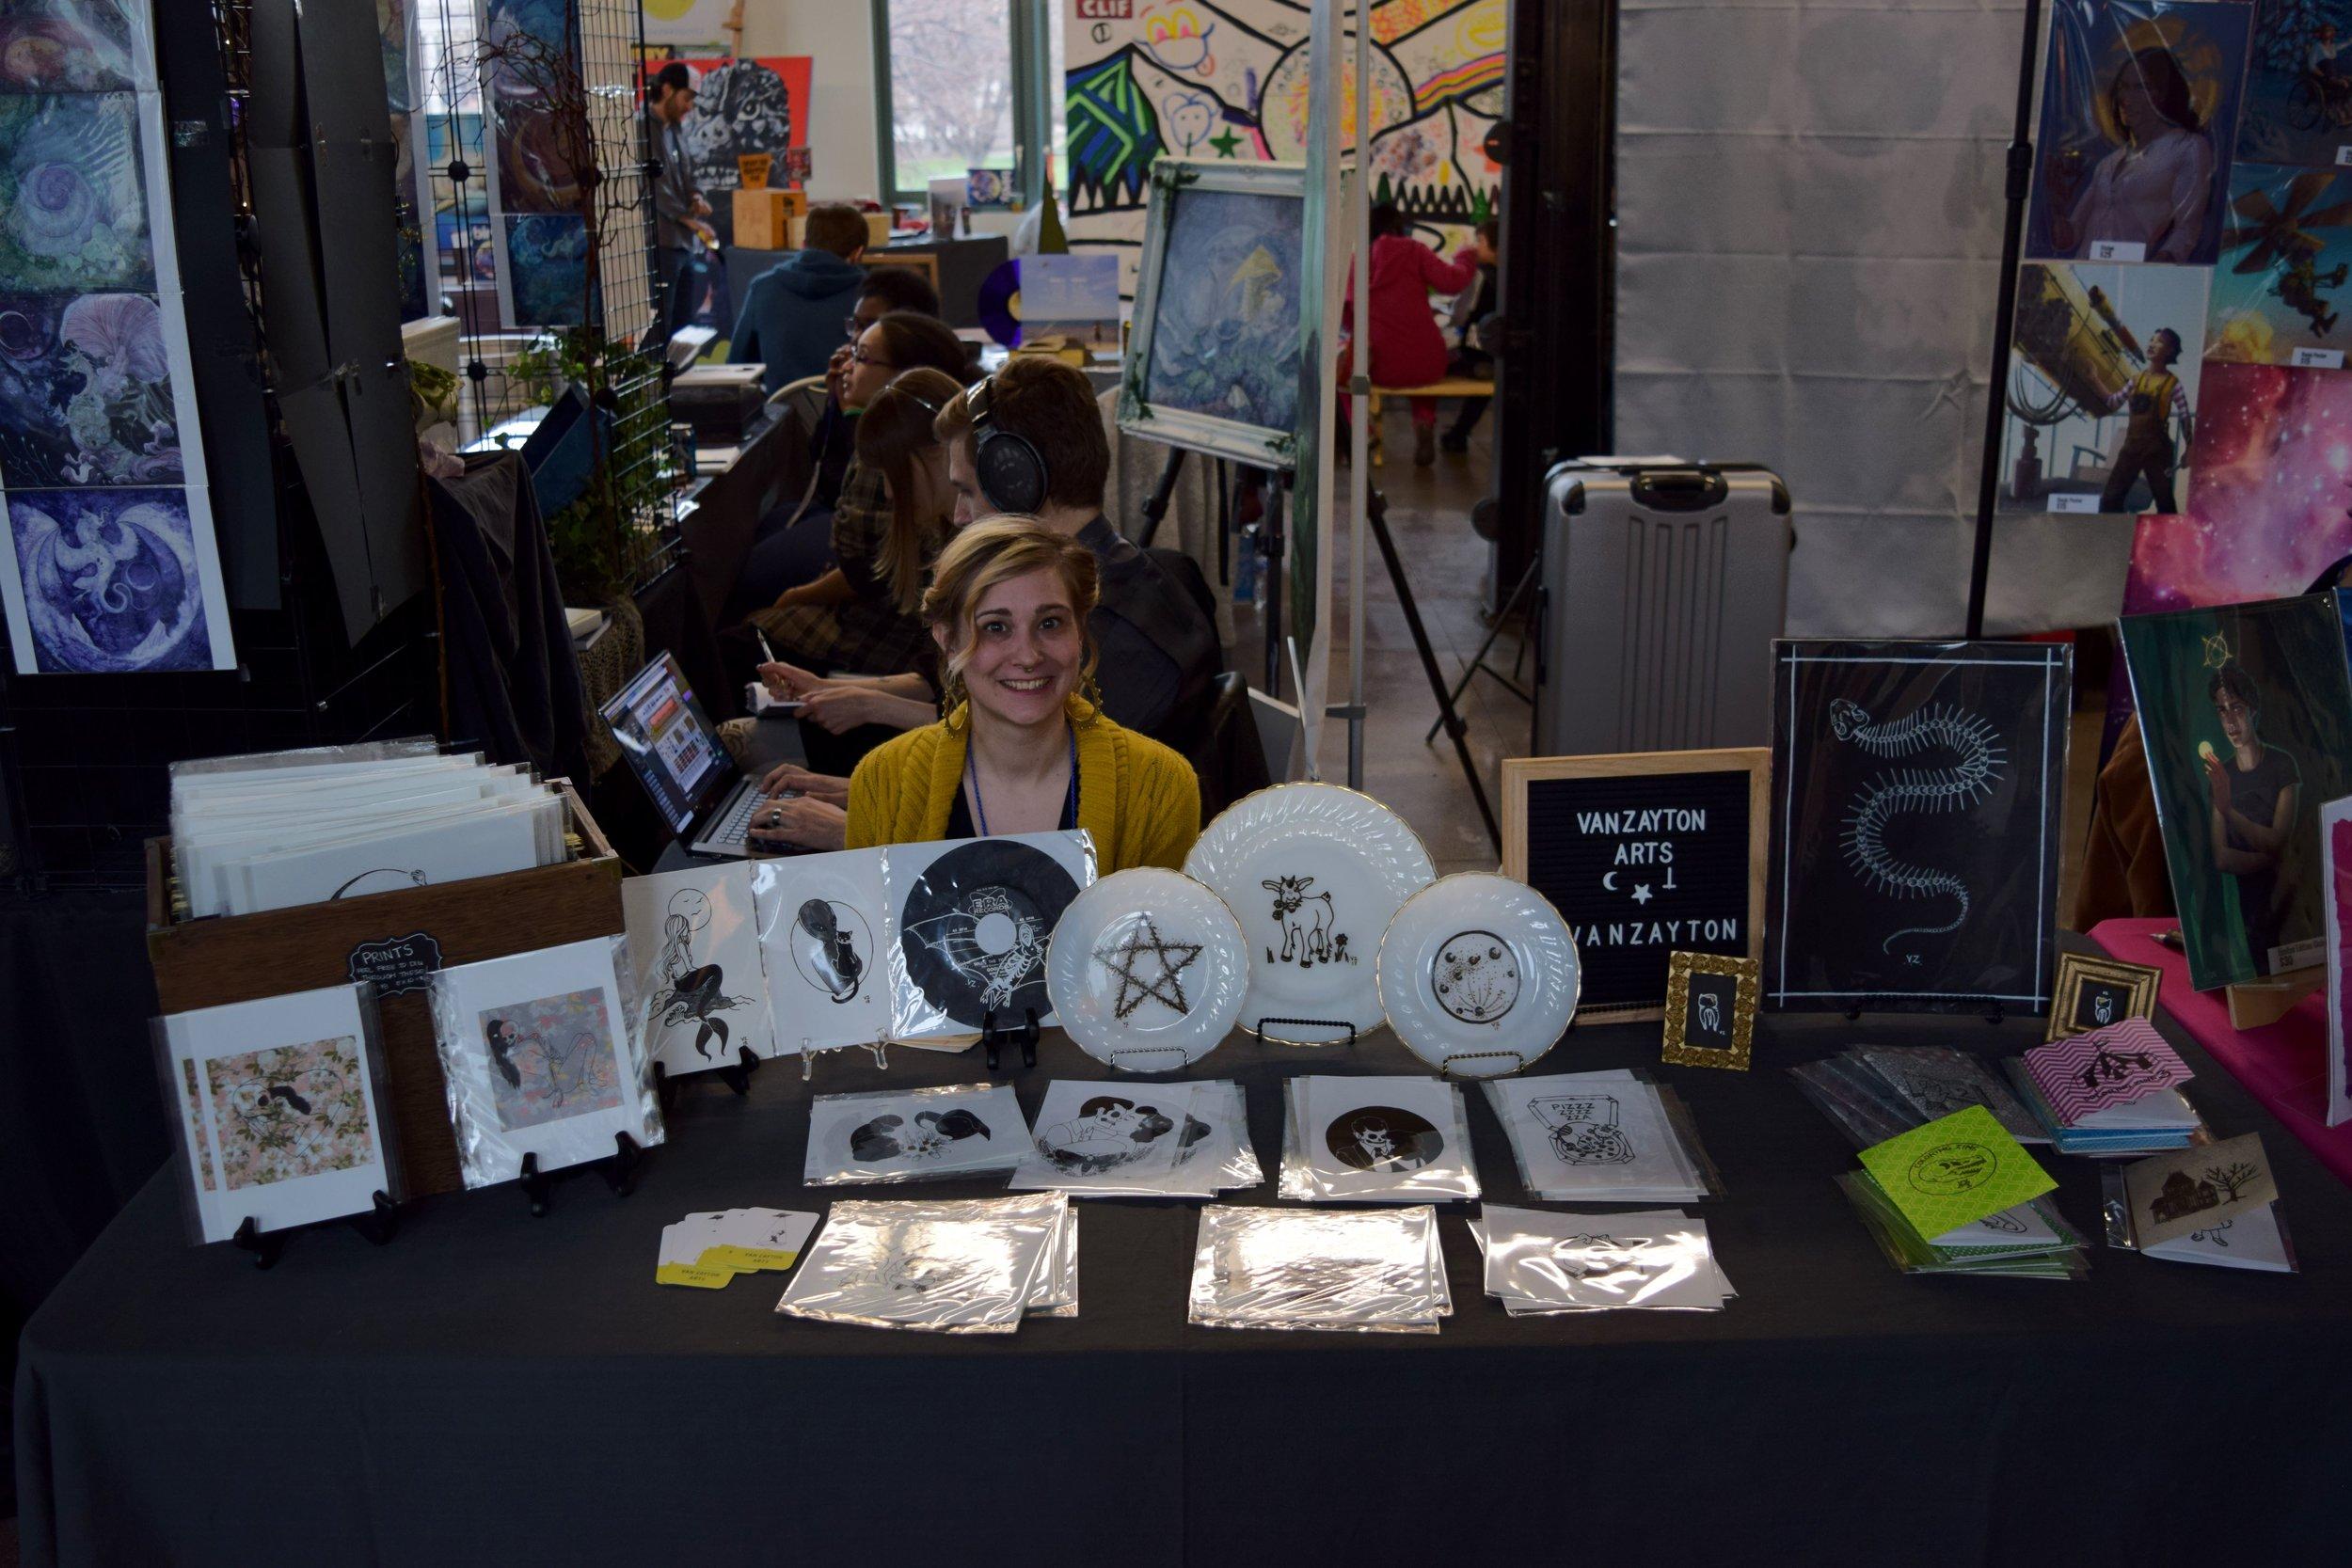 Aubrie Van Zandt  of Van Zayton Arts at DINK 2018.